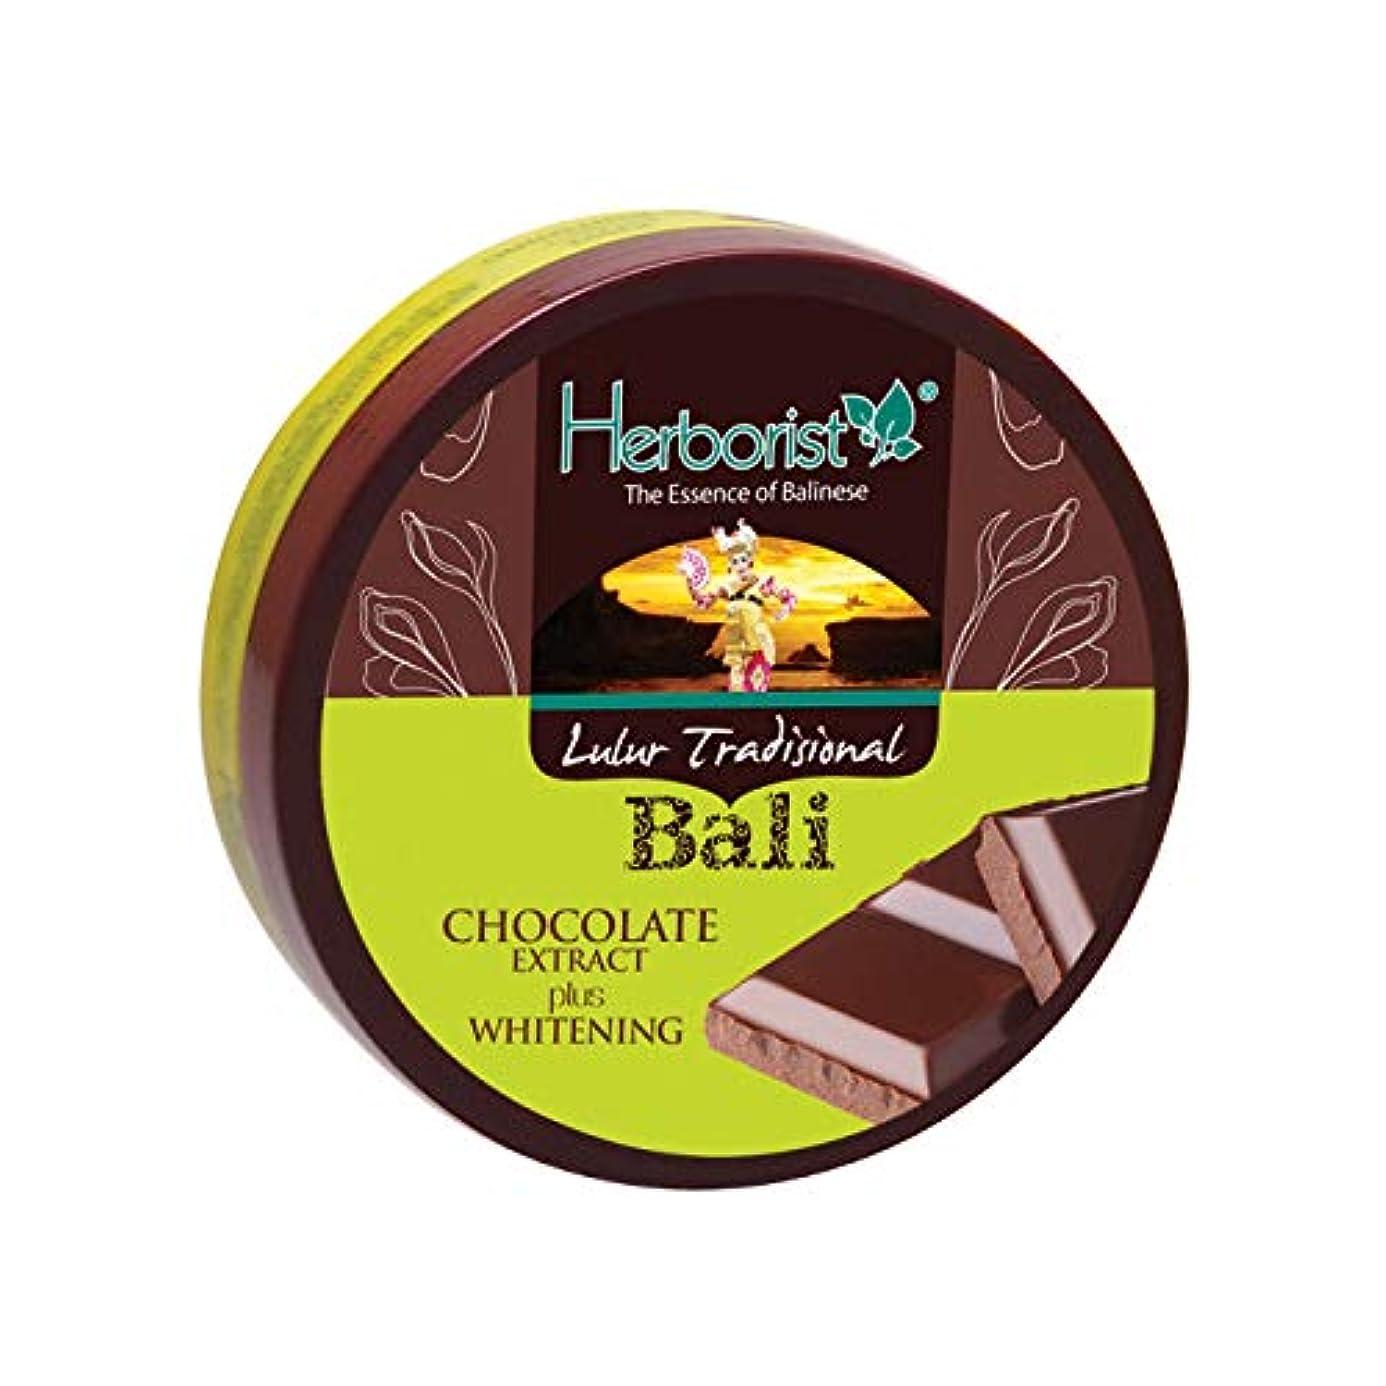 ルール強い雰囲気Herborist ハーボリスト インドネシアバリ島の伝統的なボディスクラブ Lulur Tradisional Bali ルルールトラディショナルバリ 100g Chocolate チョコレート [海外直送品]